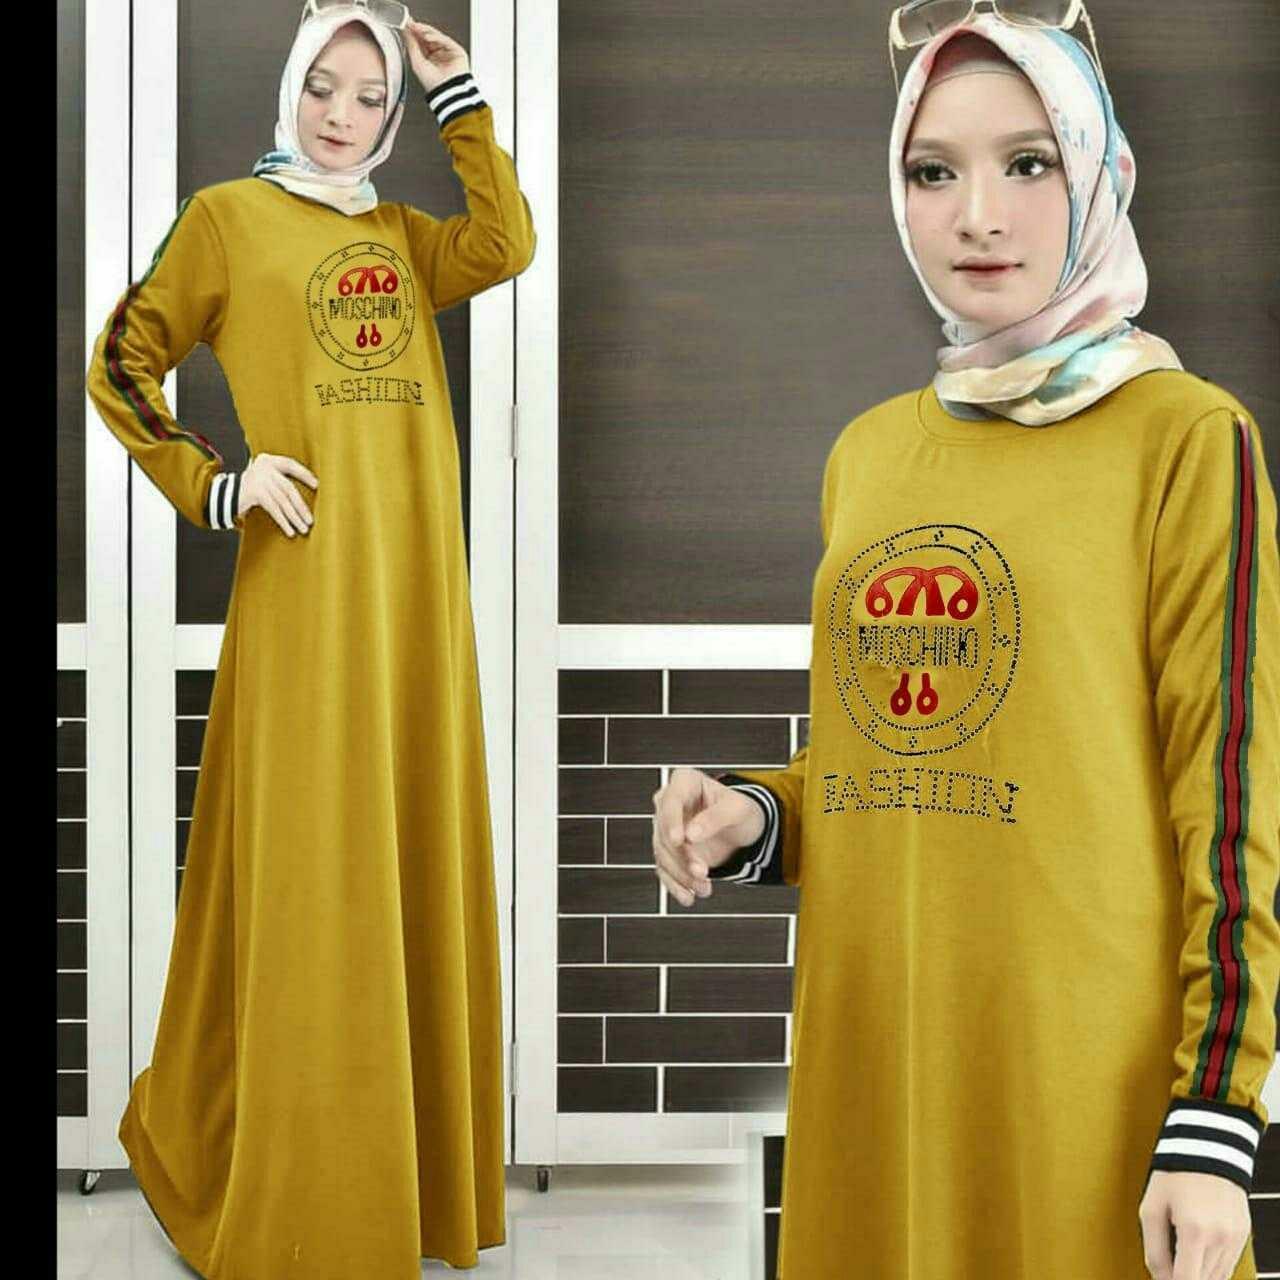 Elia Baju muslim  Gamis pesta  Baju gamis Gamis wanita  Baju muslim wanita 85a6df5657